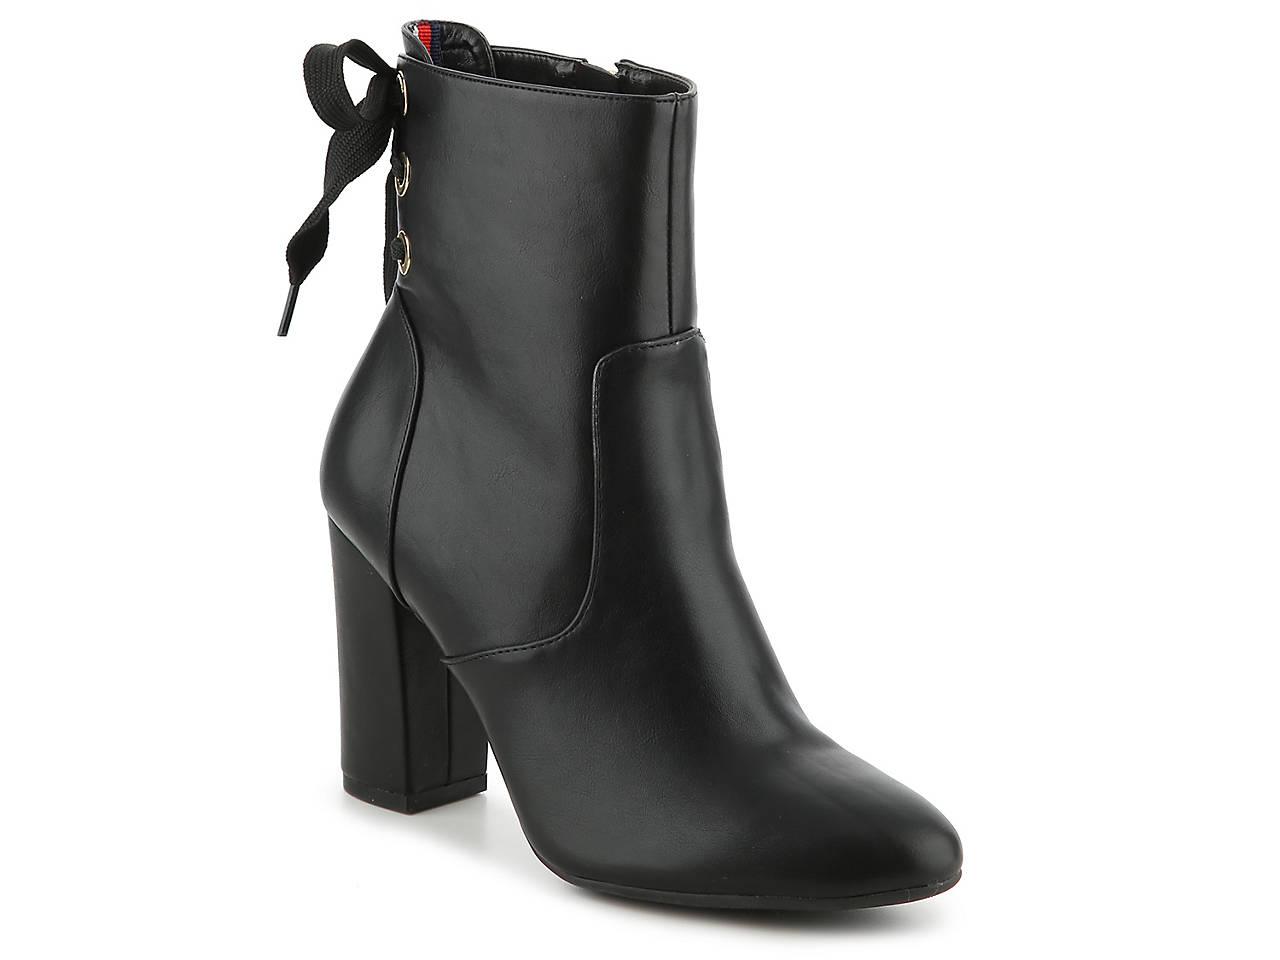 b50d84c1b11d Tommy Hilfiger Divah Bootie Women s Shoes